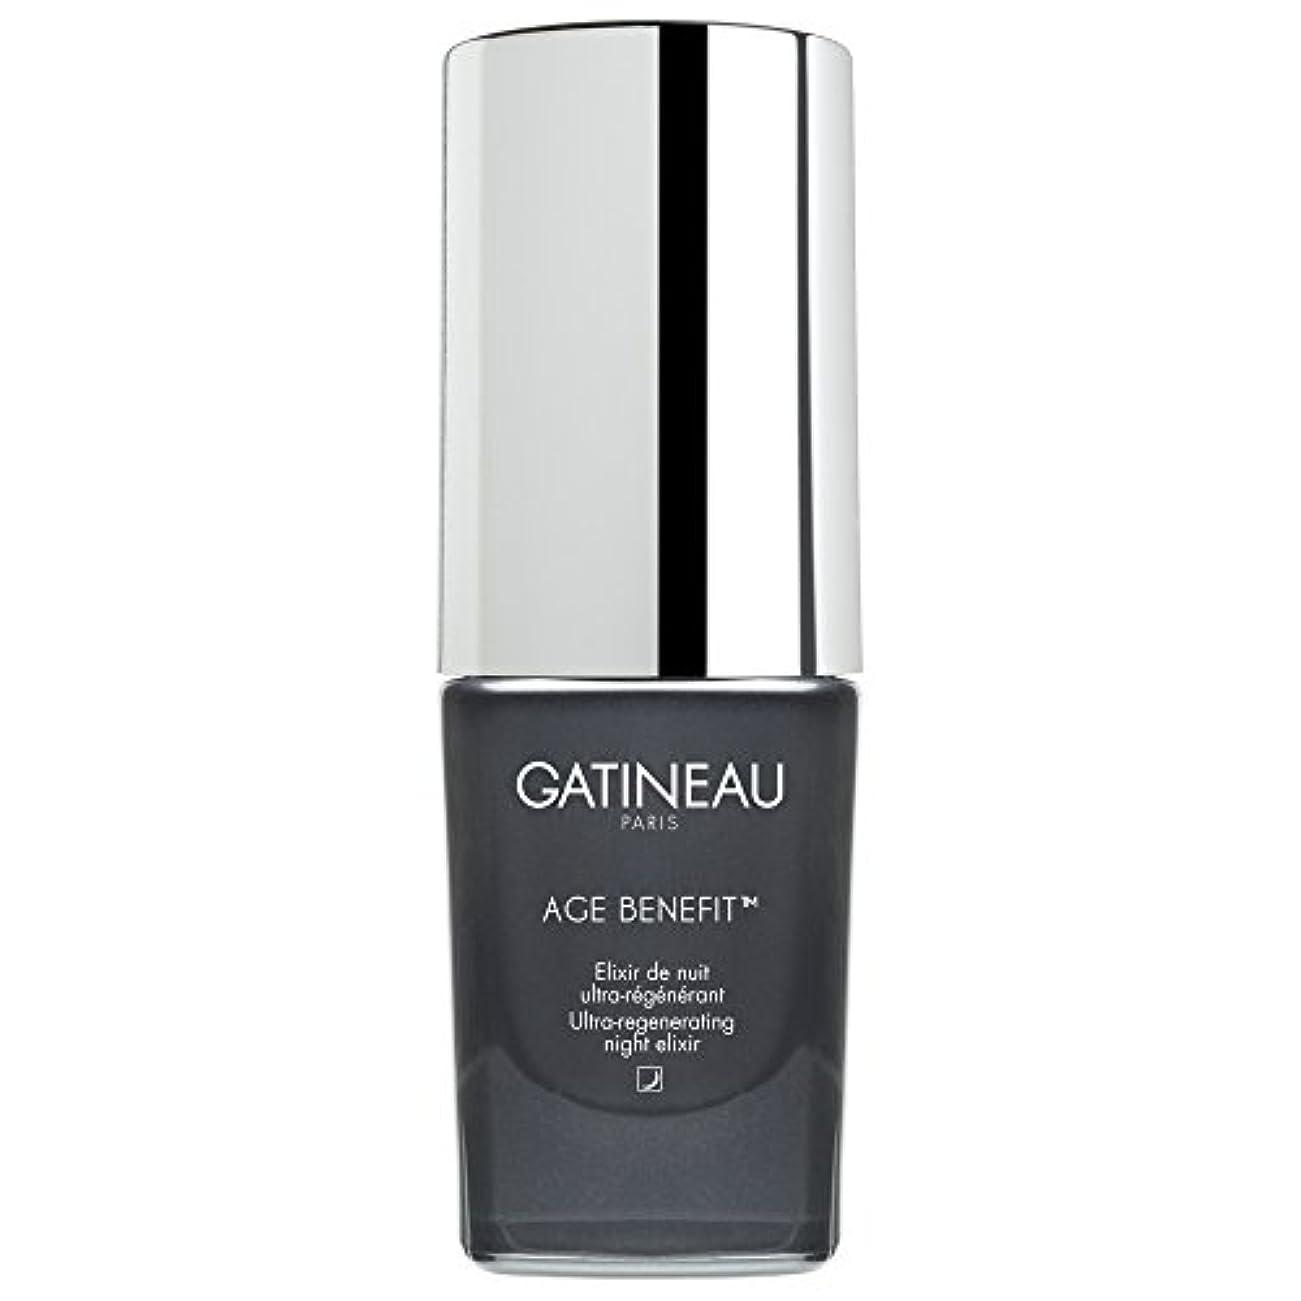 ガティノー年齢給付超再生夜のエリクシルの15ミリリットル (Gatineau) - Gatineau Age Benefit Ultra-Regenerating Night Elixir 15ml [並行輸入品]